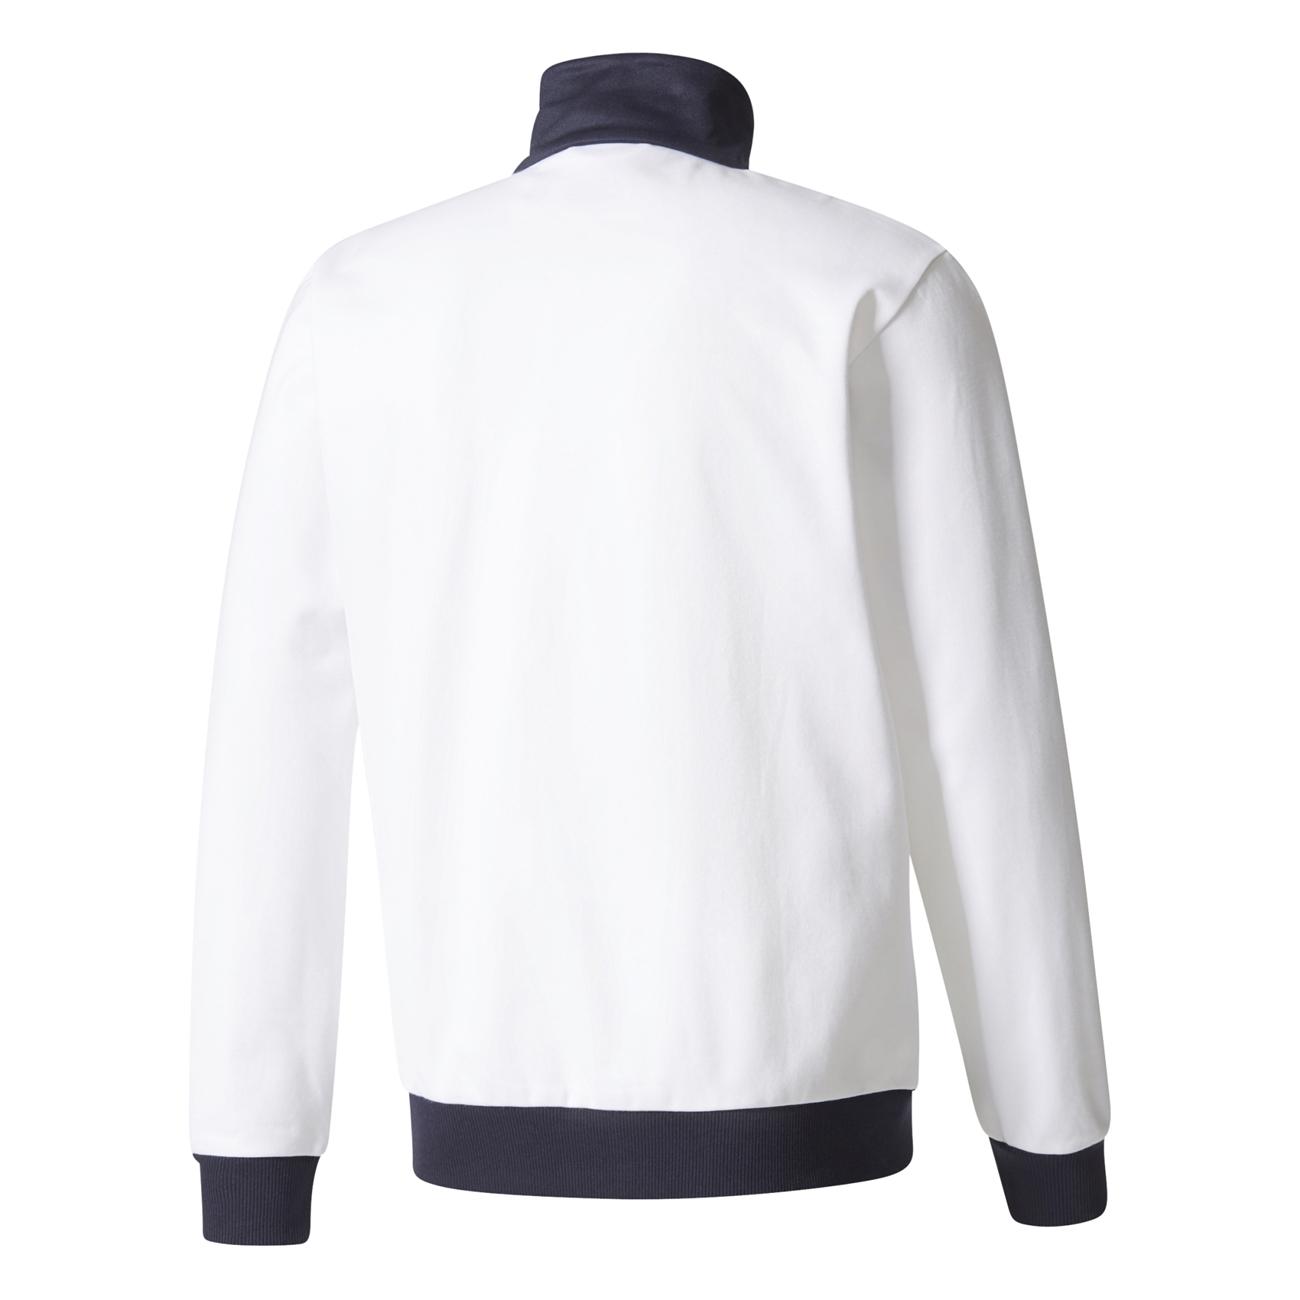 019a214625c2 Adifo Adidas Veste De adidas Br2296 Sport Beckenbauer Homme Xnpp86fB